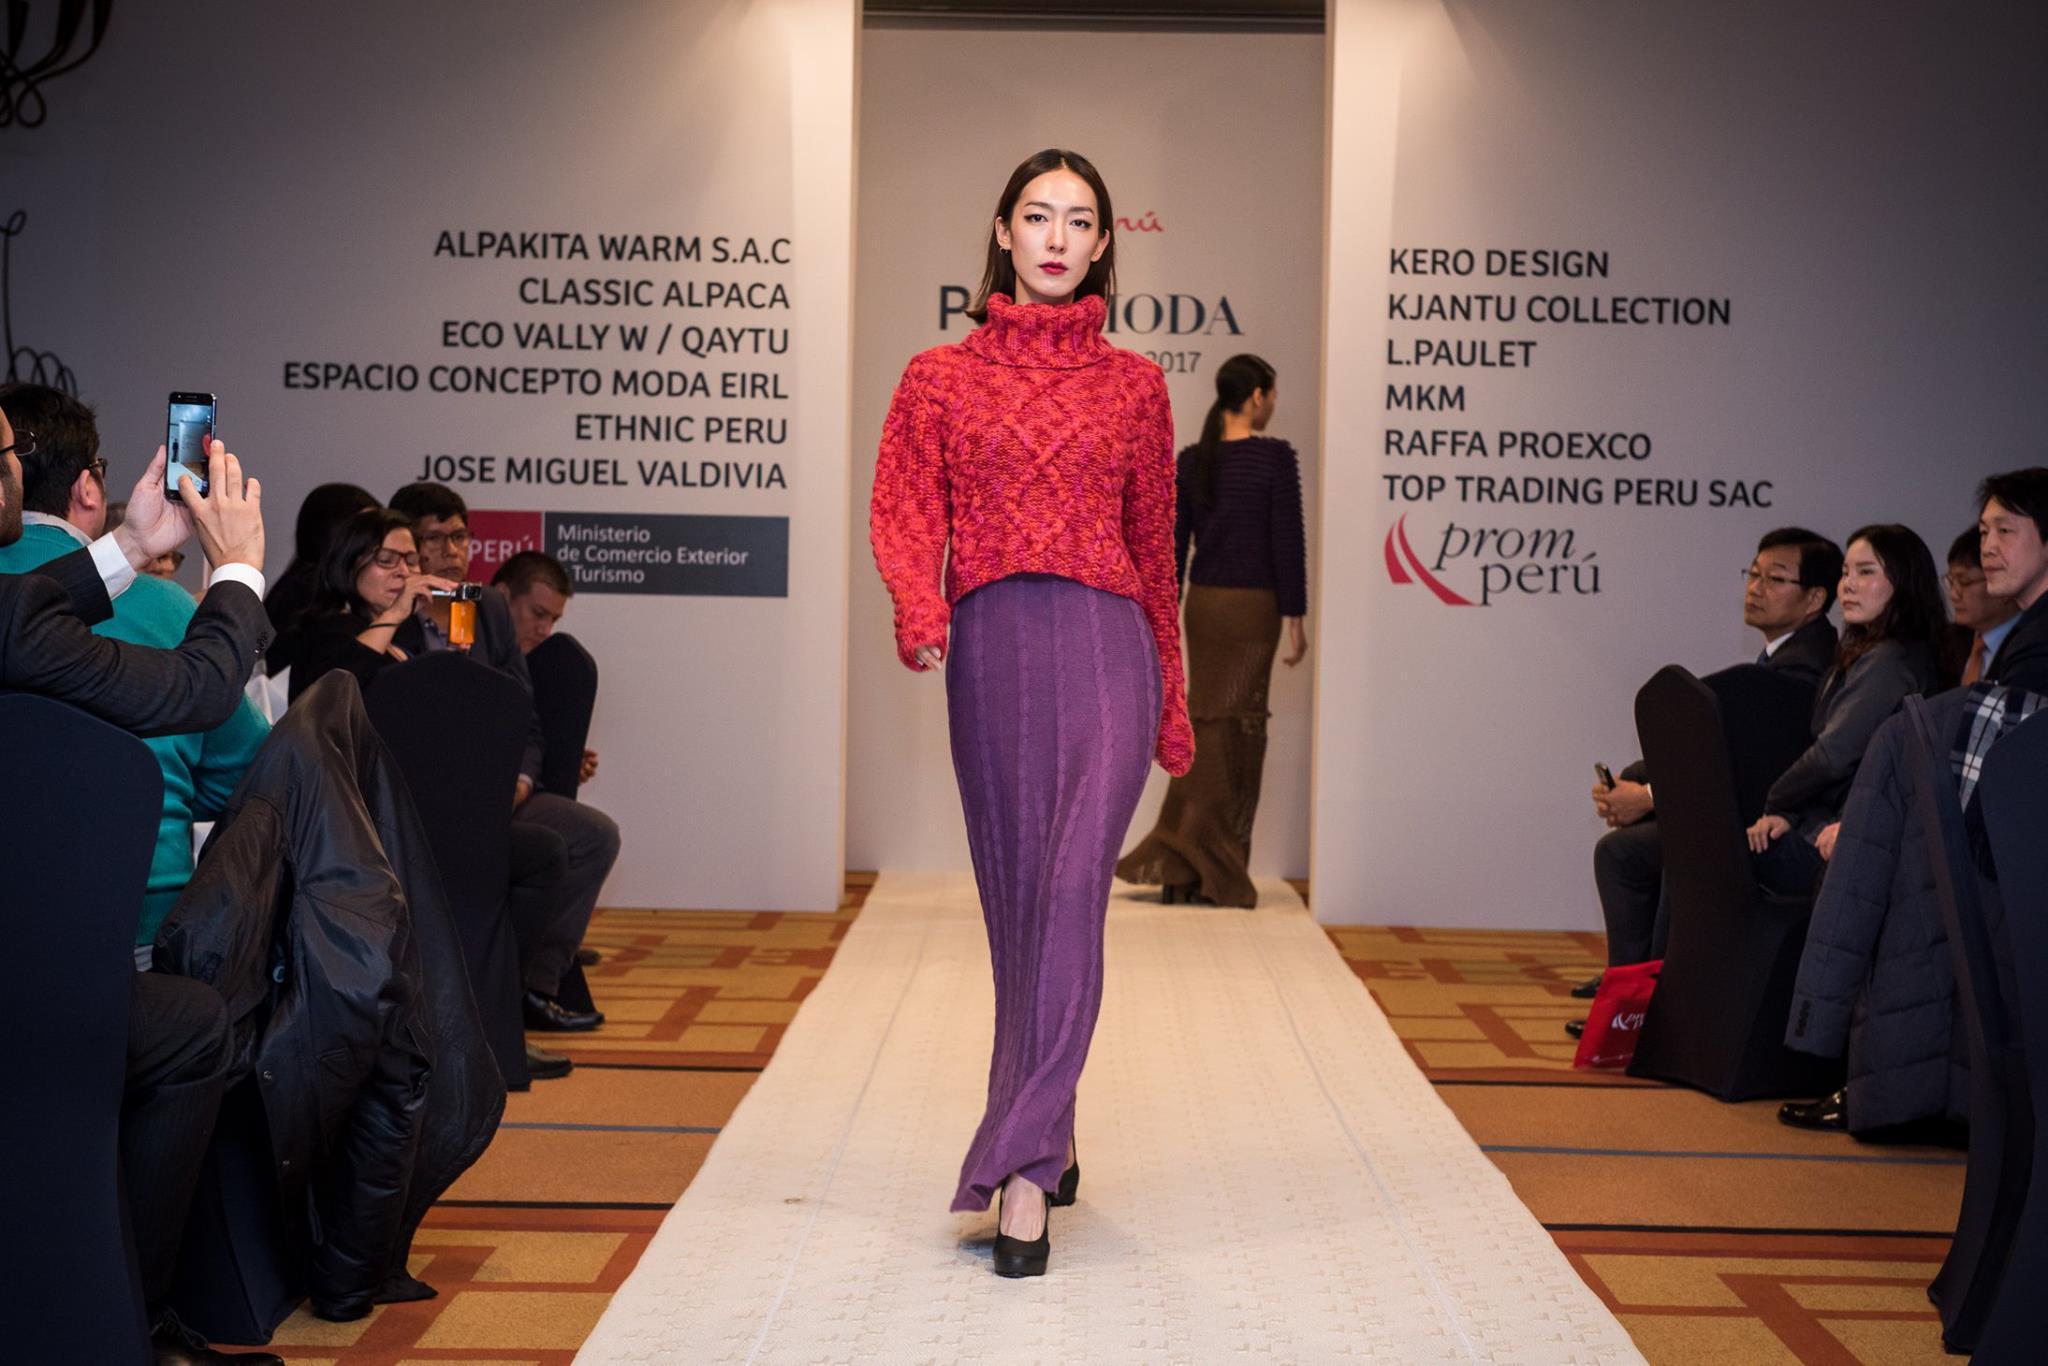 Lo ltimo inauguran per moda per gift show 2017 for Lo ultimo en moda 2017